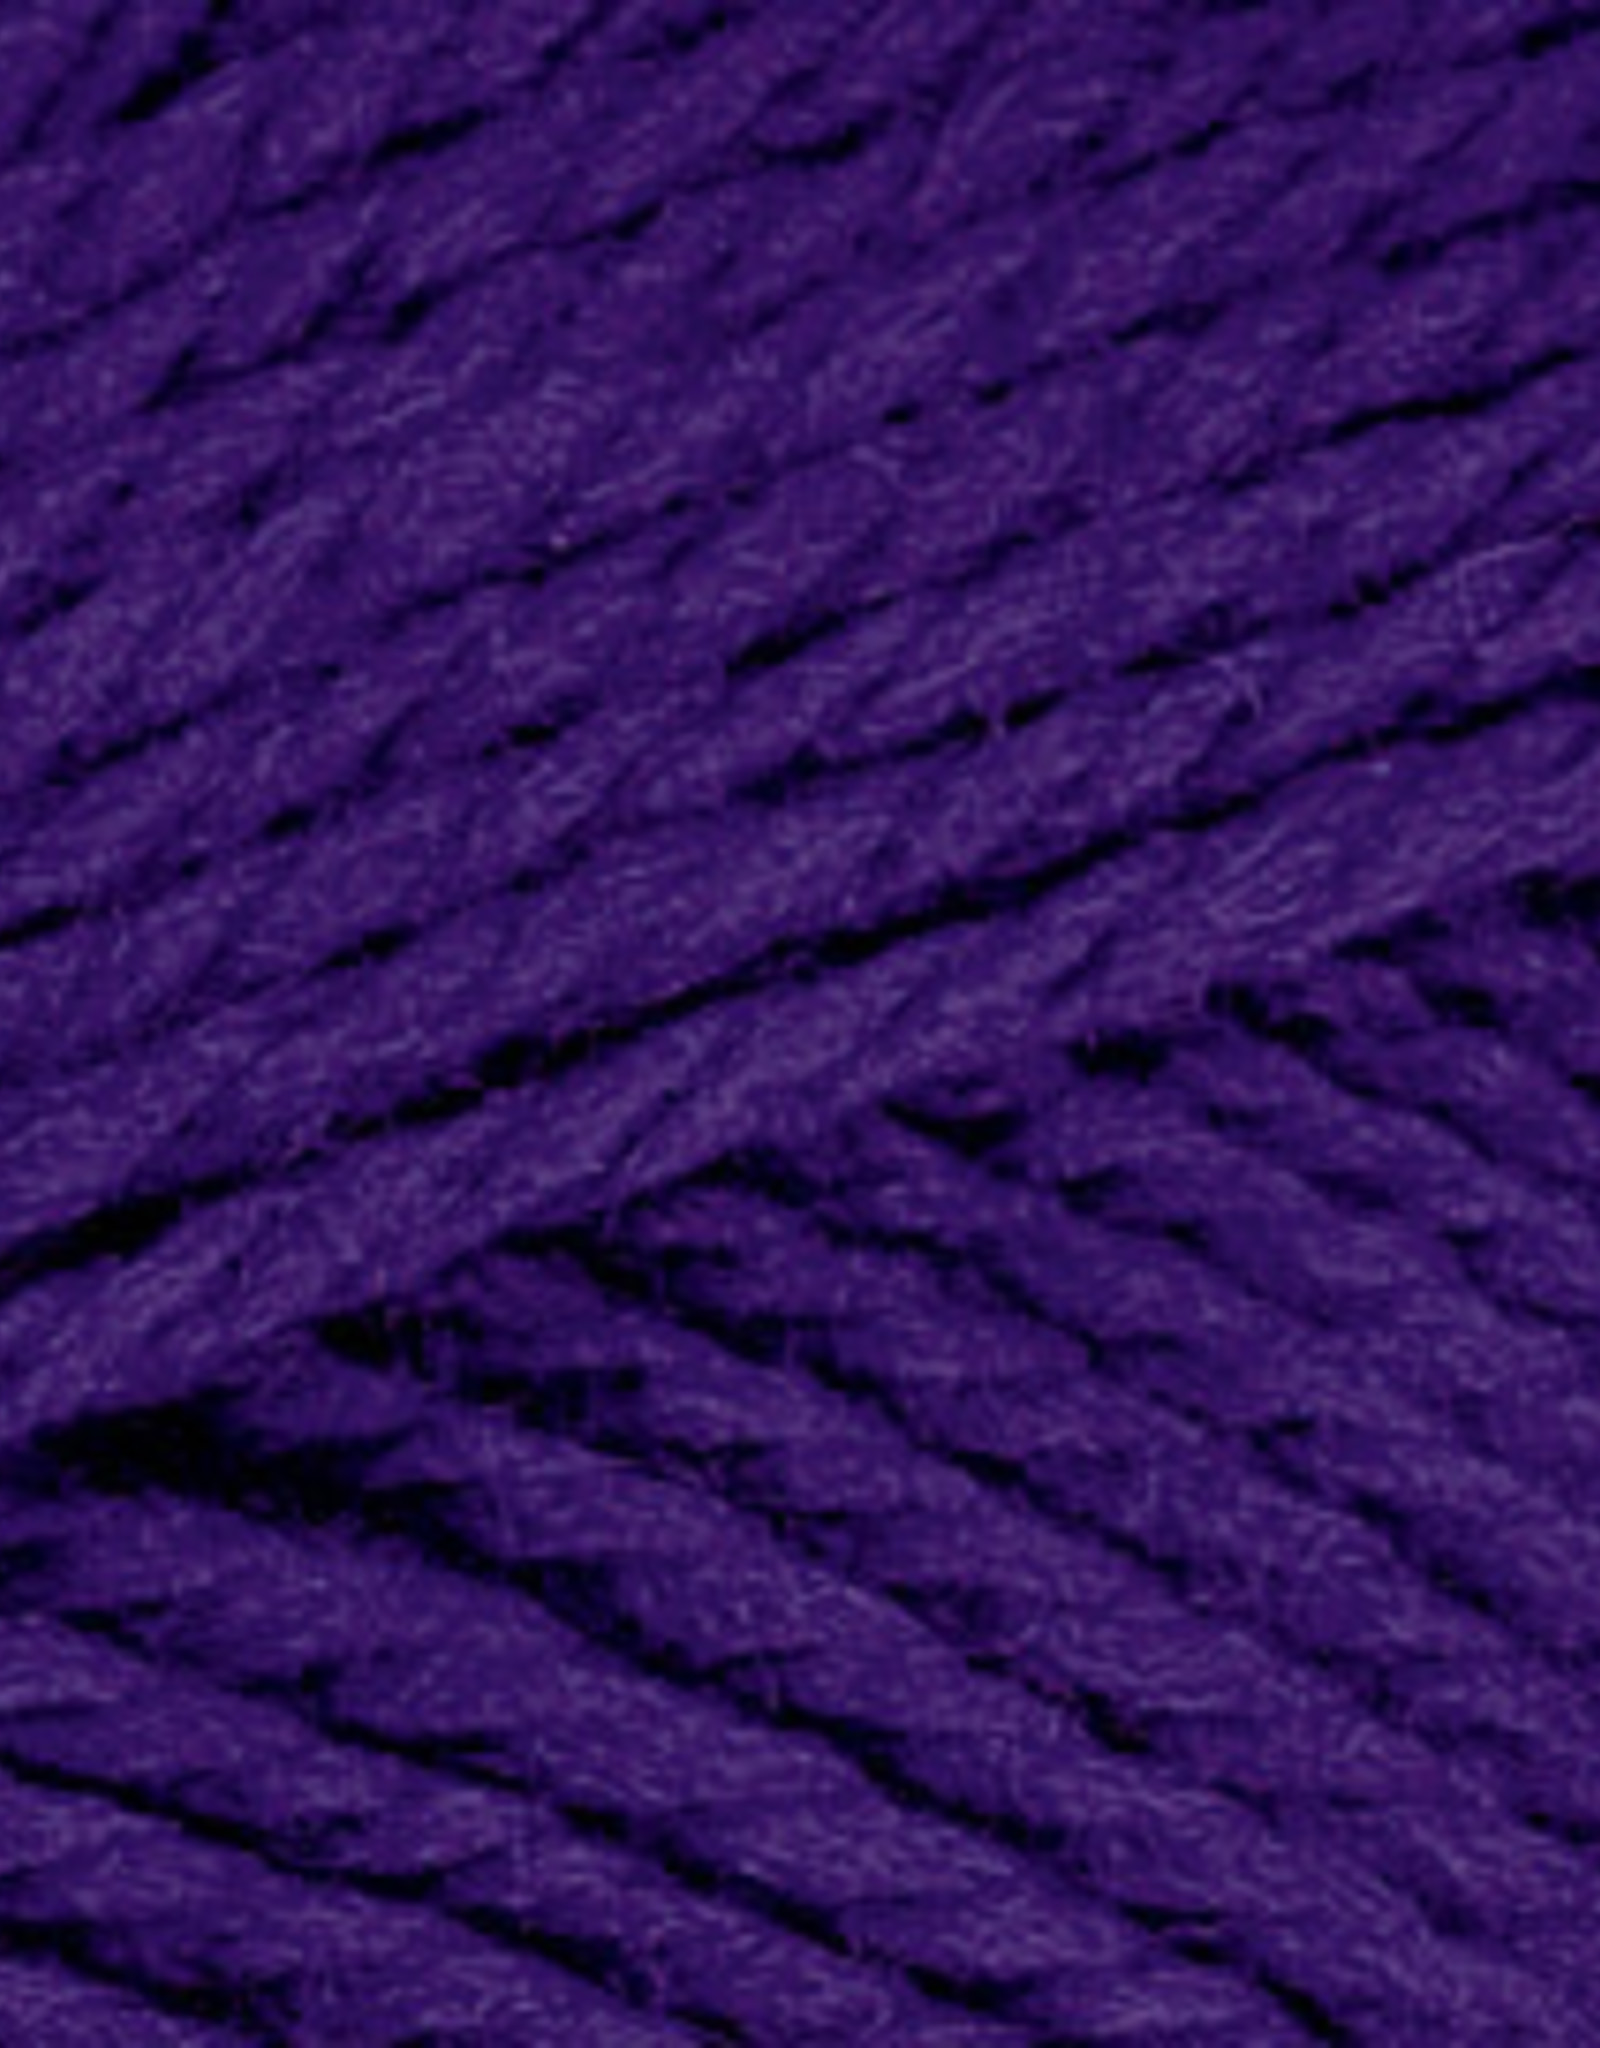 Brown Sheep NatureSpun Sp 50g 205 Regal Purple